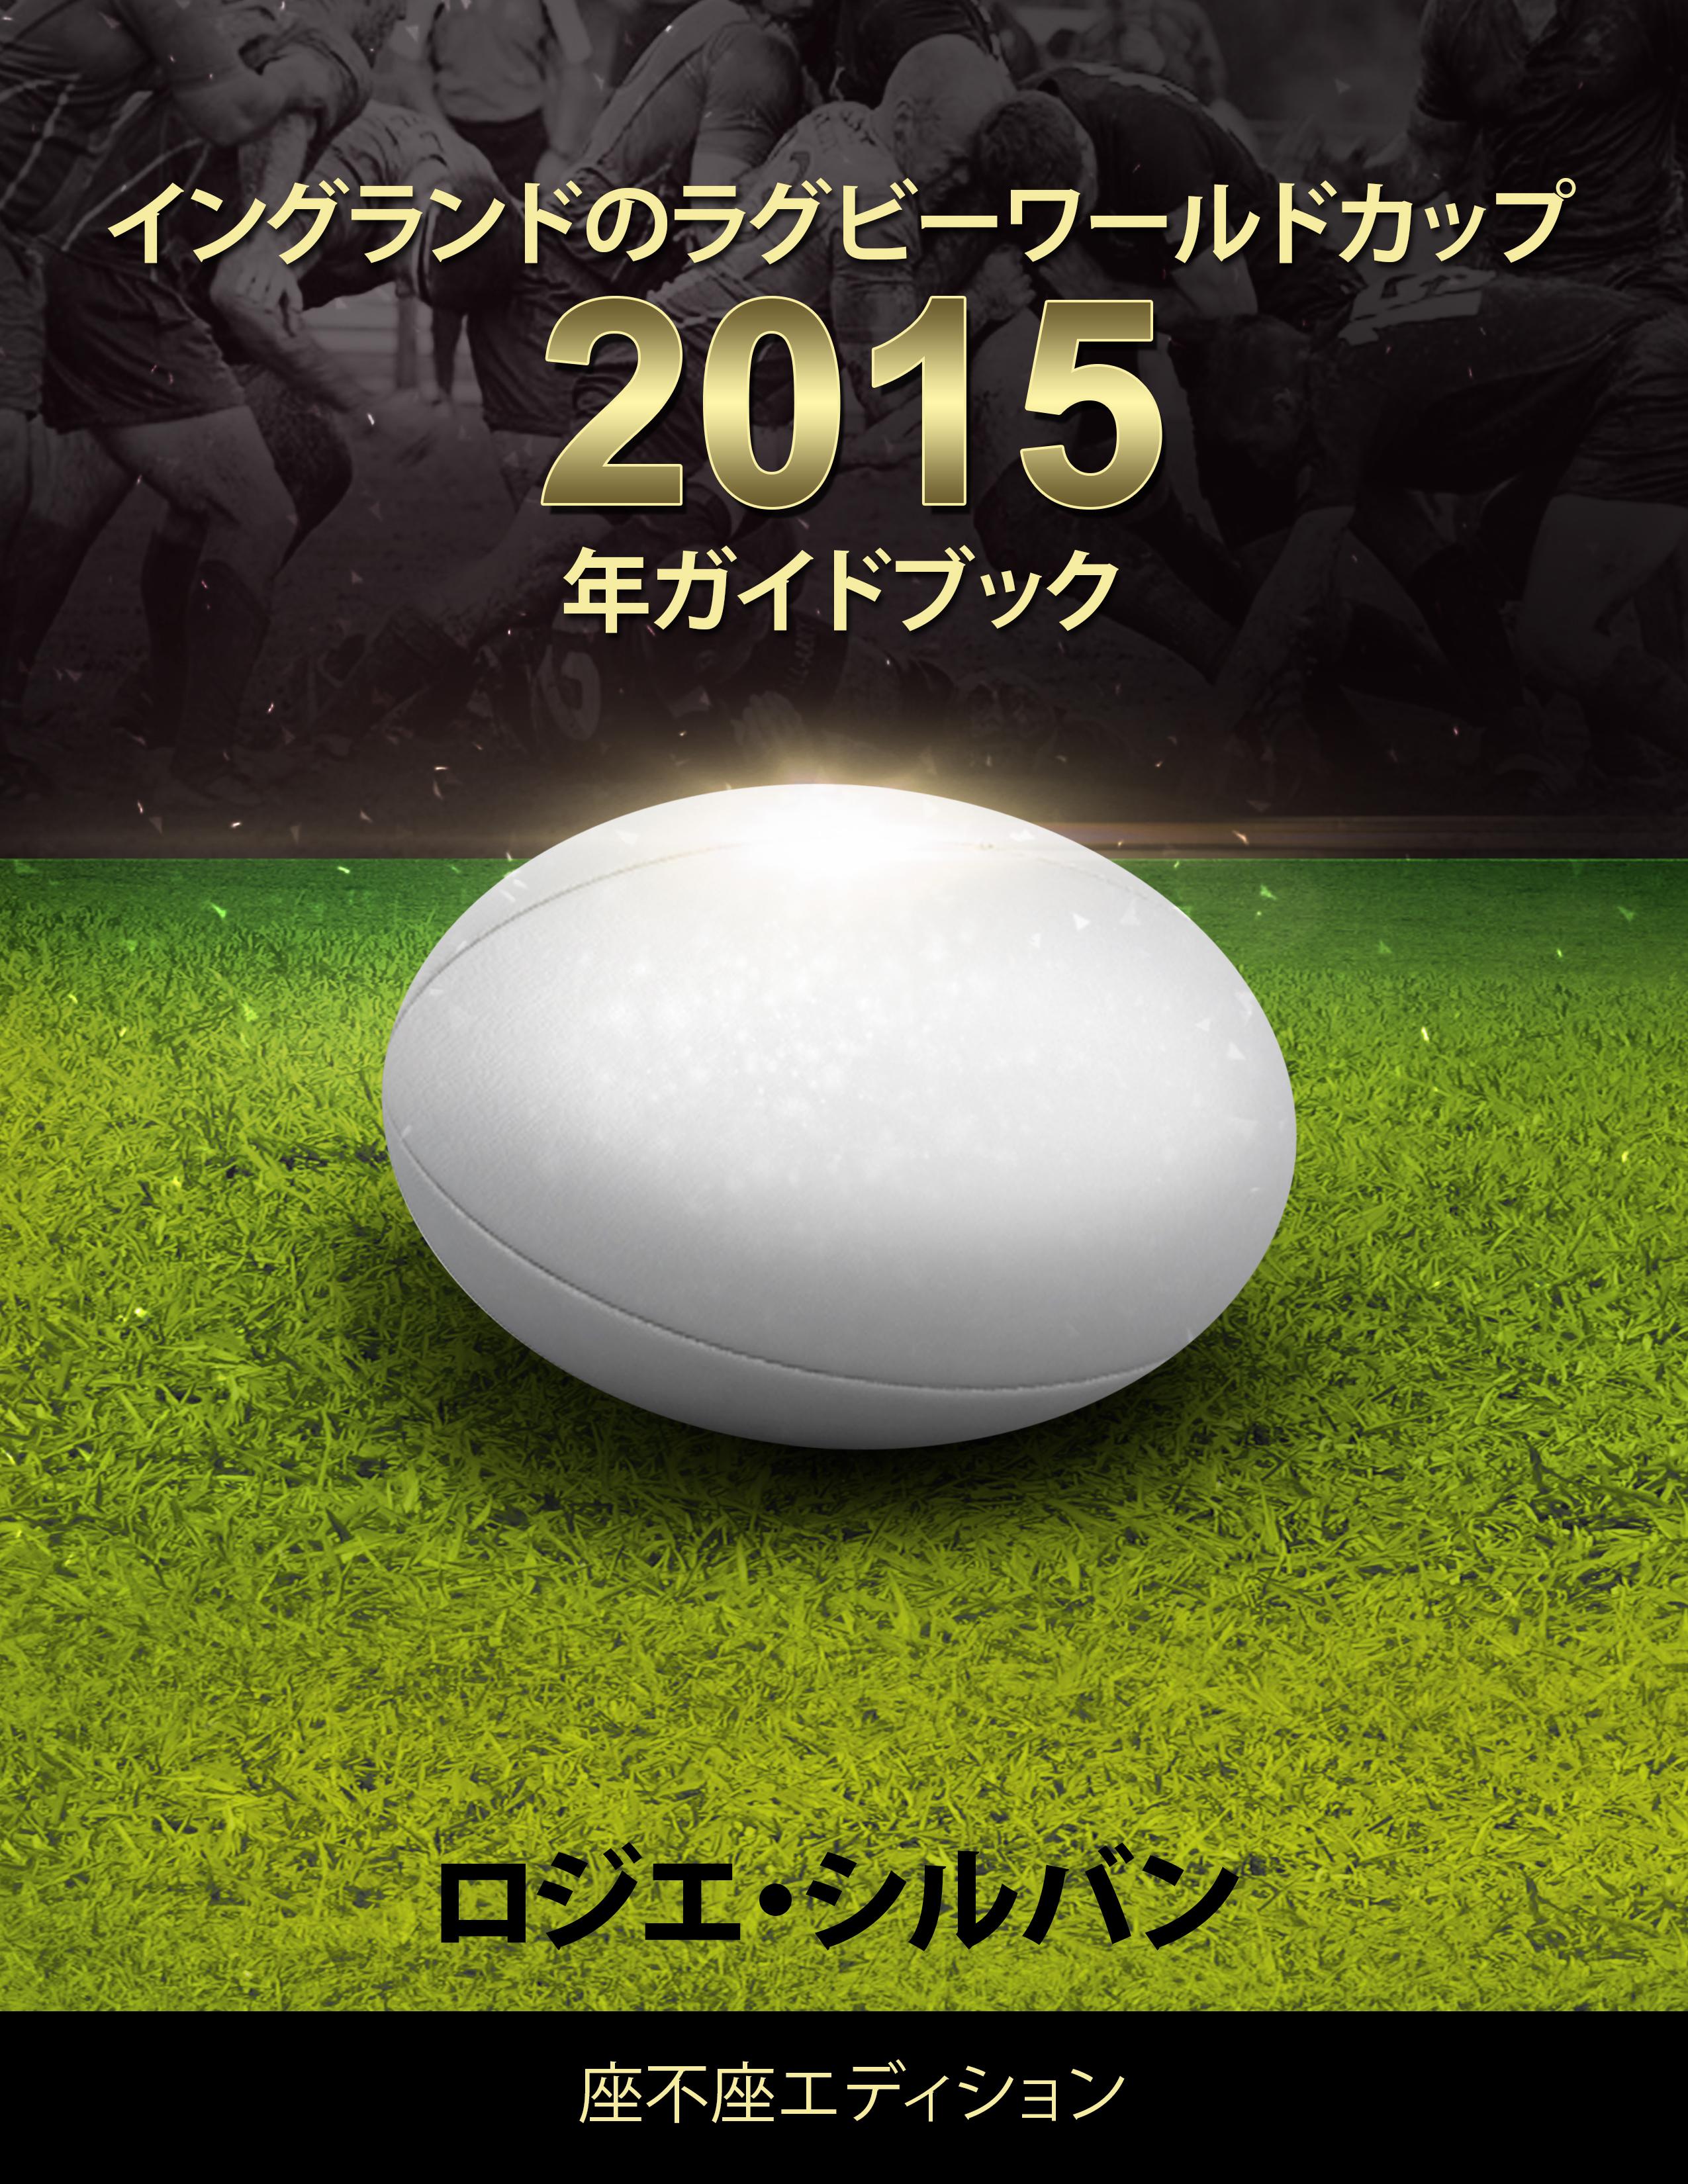 イングランドのラグビーワールドカップ2015年ガイドブック